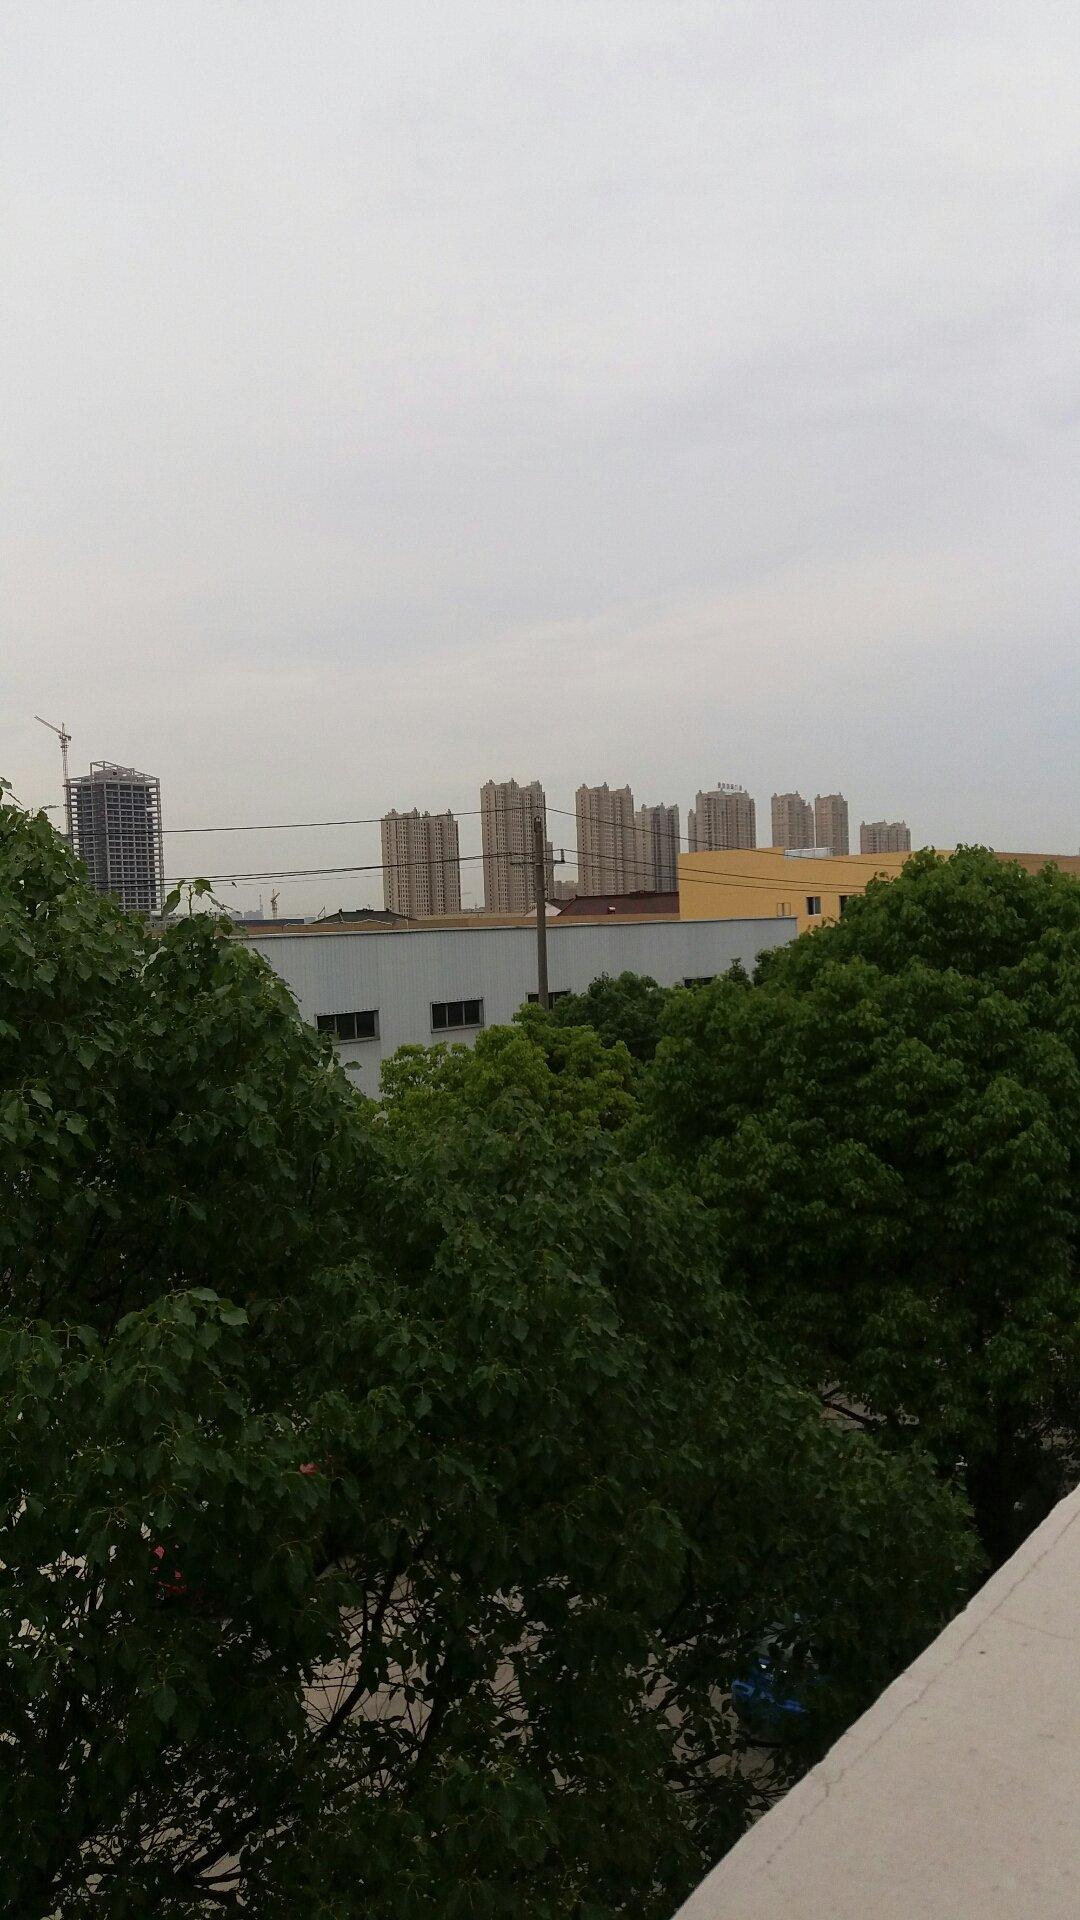 江苏省泰州市高港区_江苏省泰州市高港区高港大道靠近马厂桥天气预报